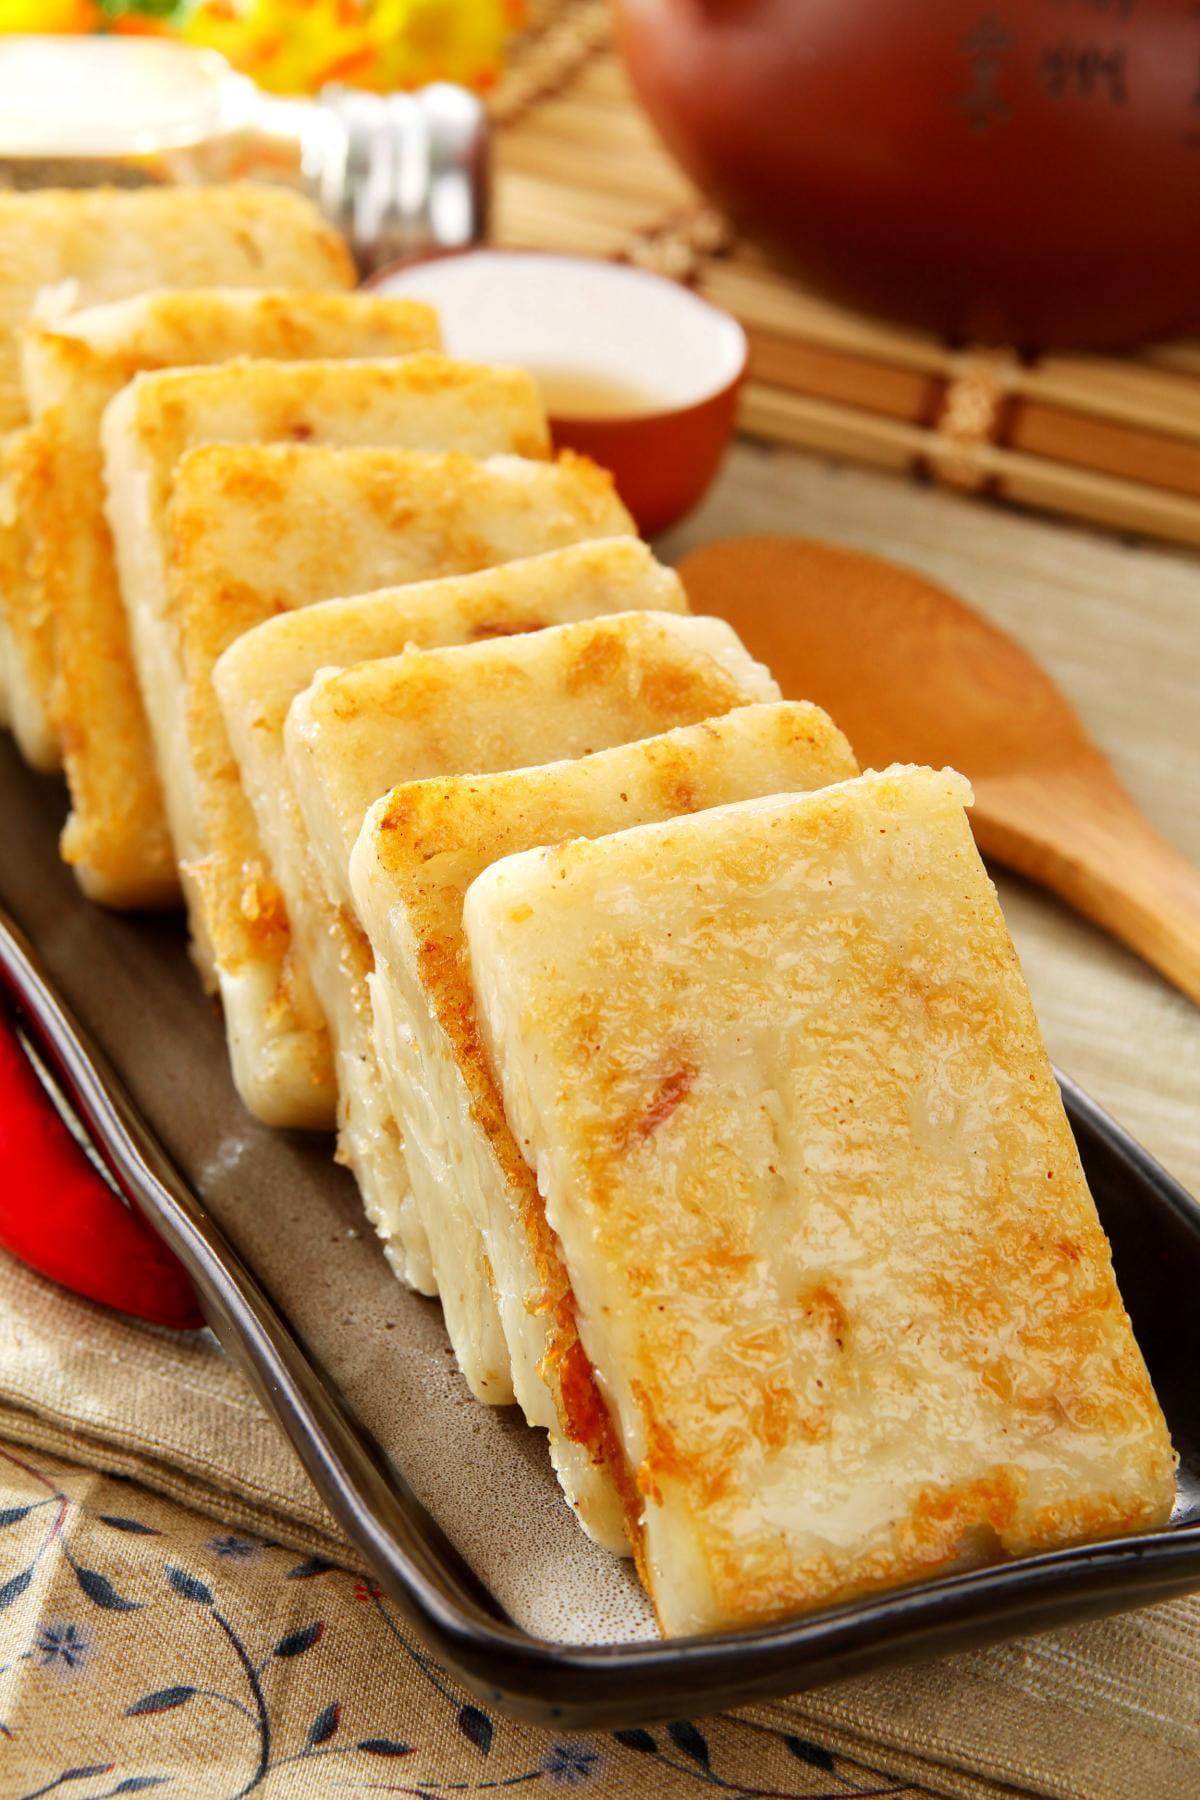 【禎祥】蘿蔔糕(50g/片) 0